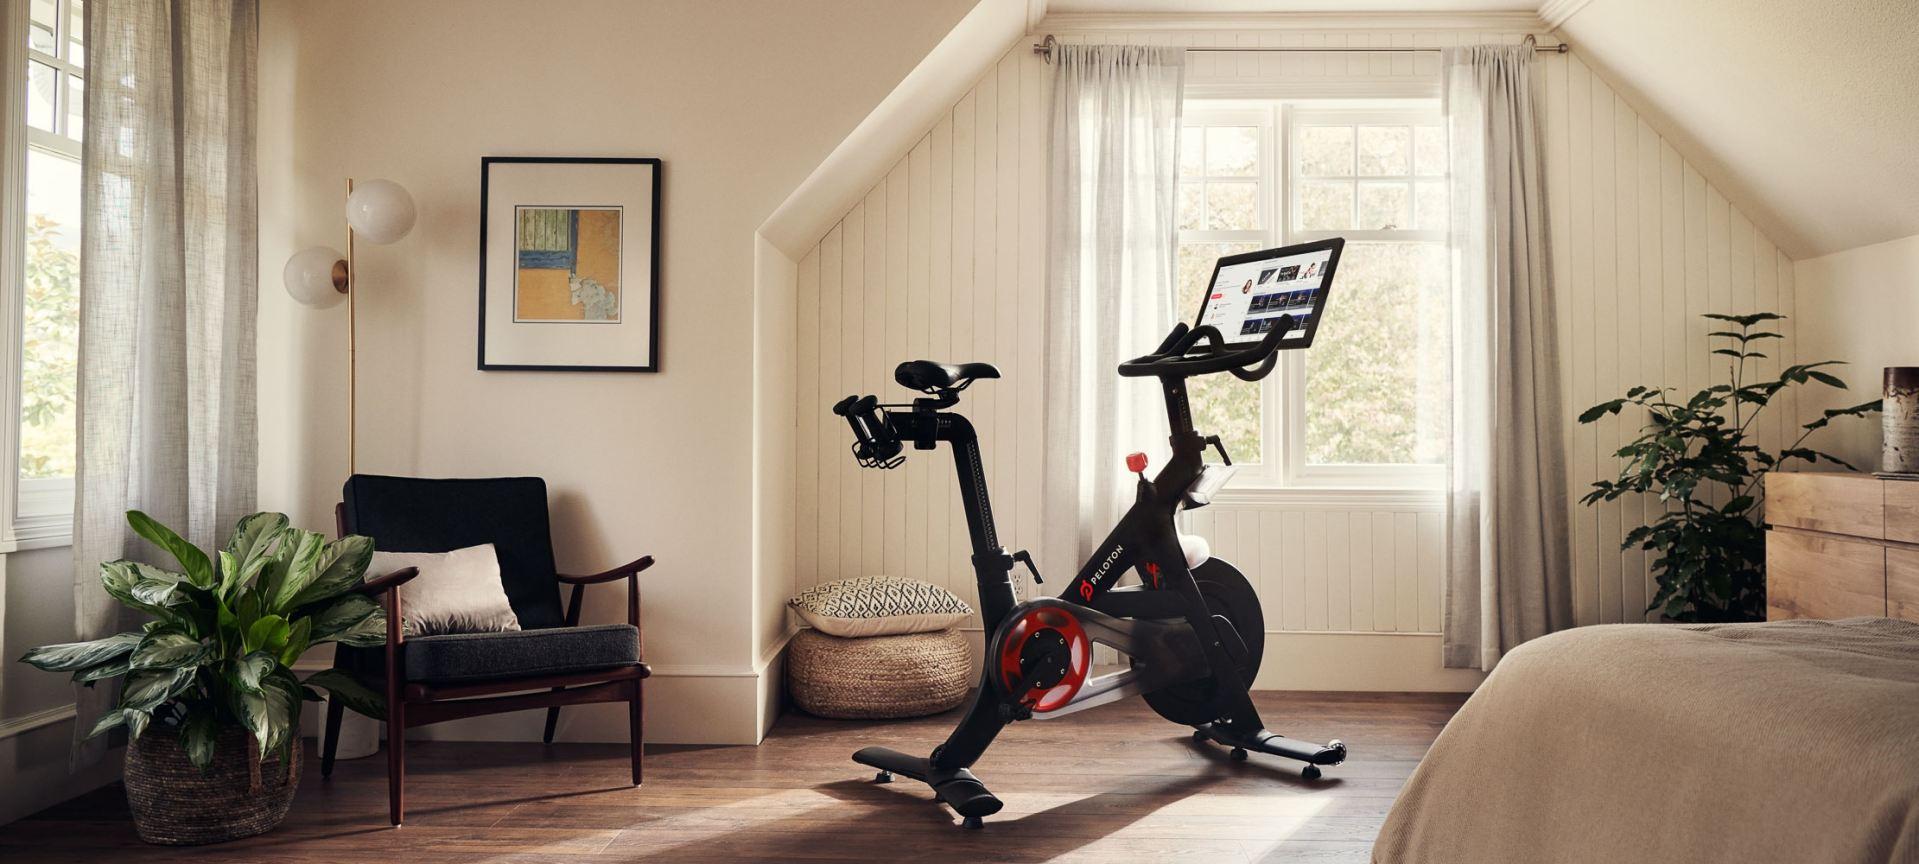 bike-wide-bedroom-012-2-1202